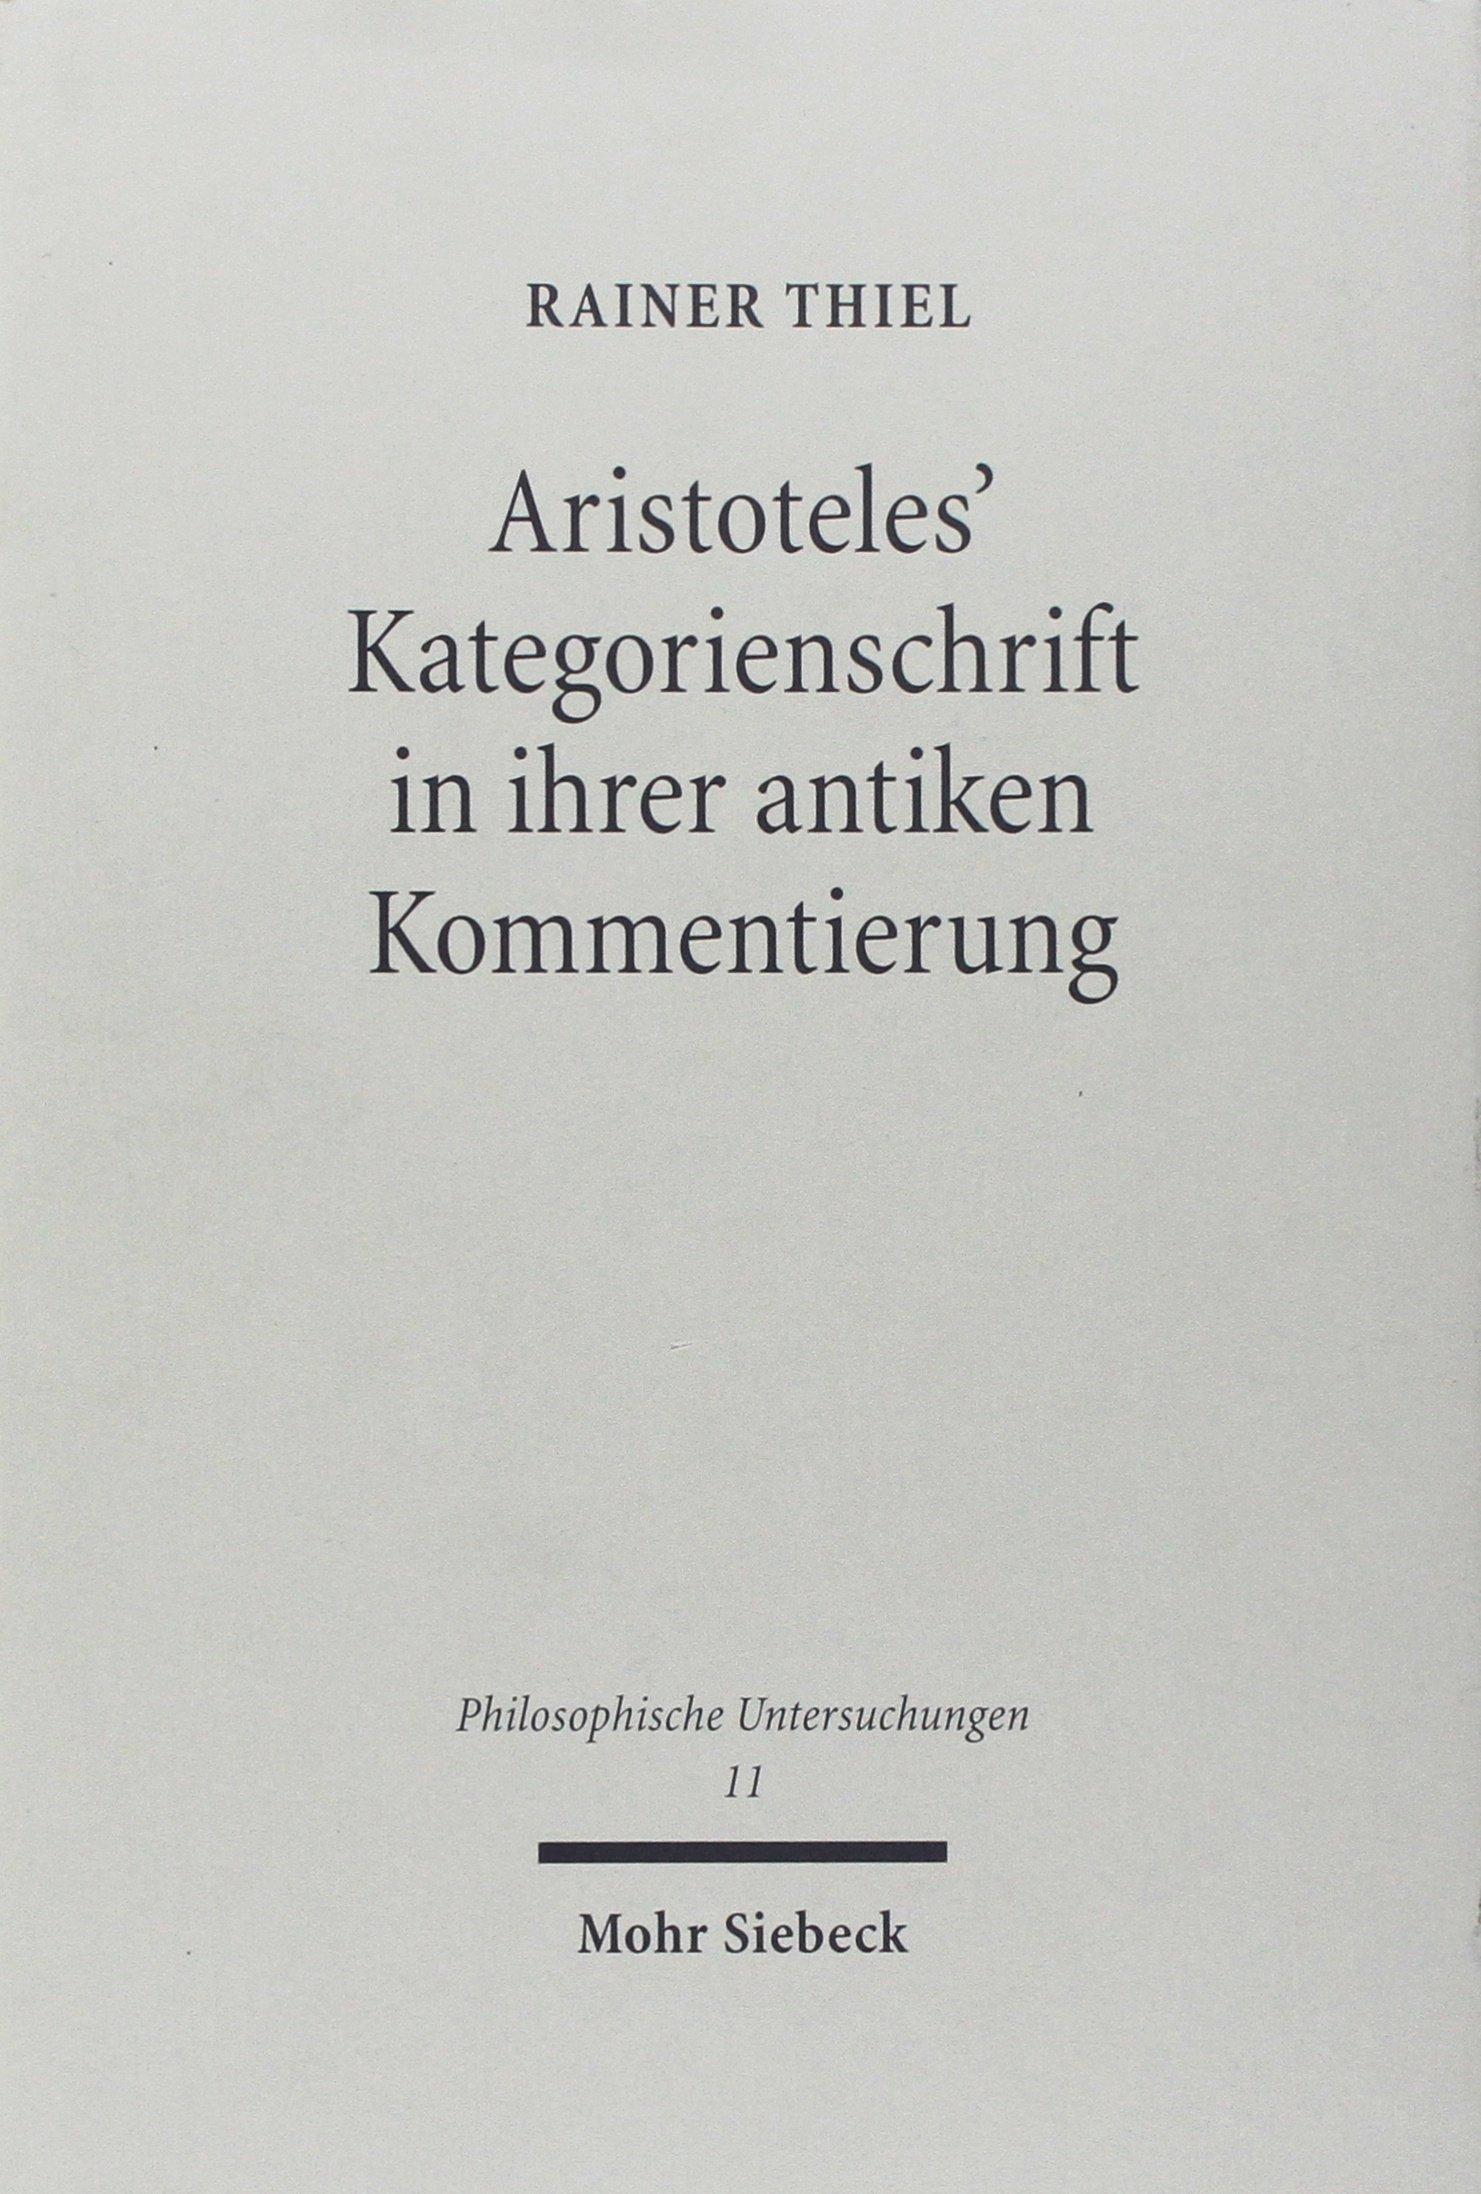 Aristoteles' Kategorienschrift in ihrer antiken Kommentierung (Philosophische Untersuchungen, Band 11)